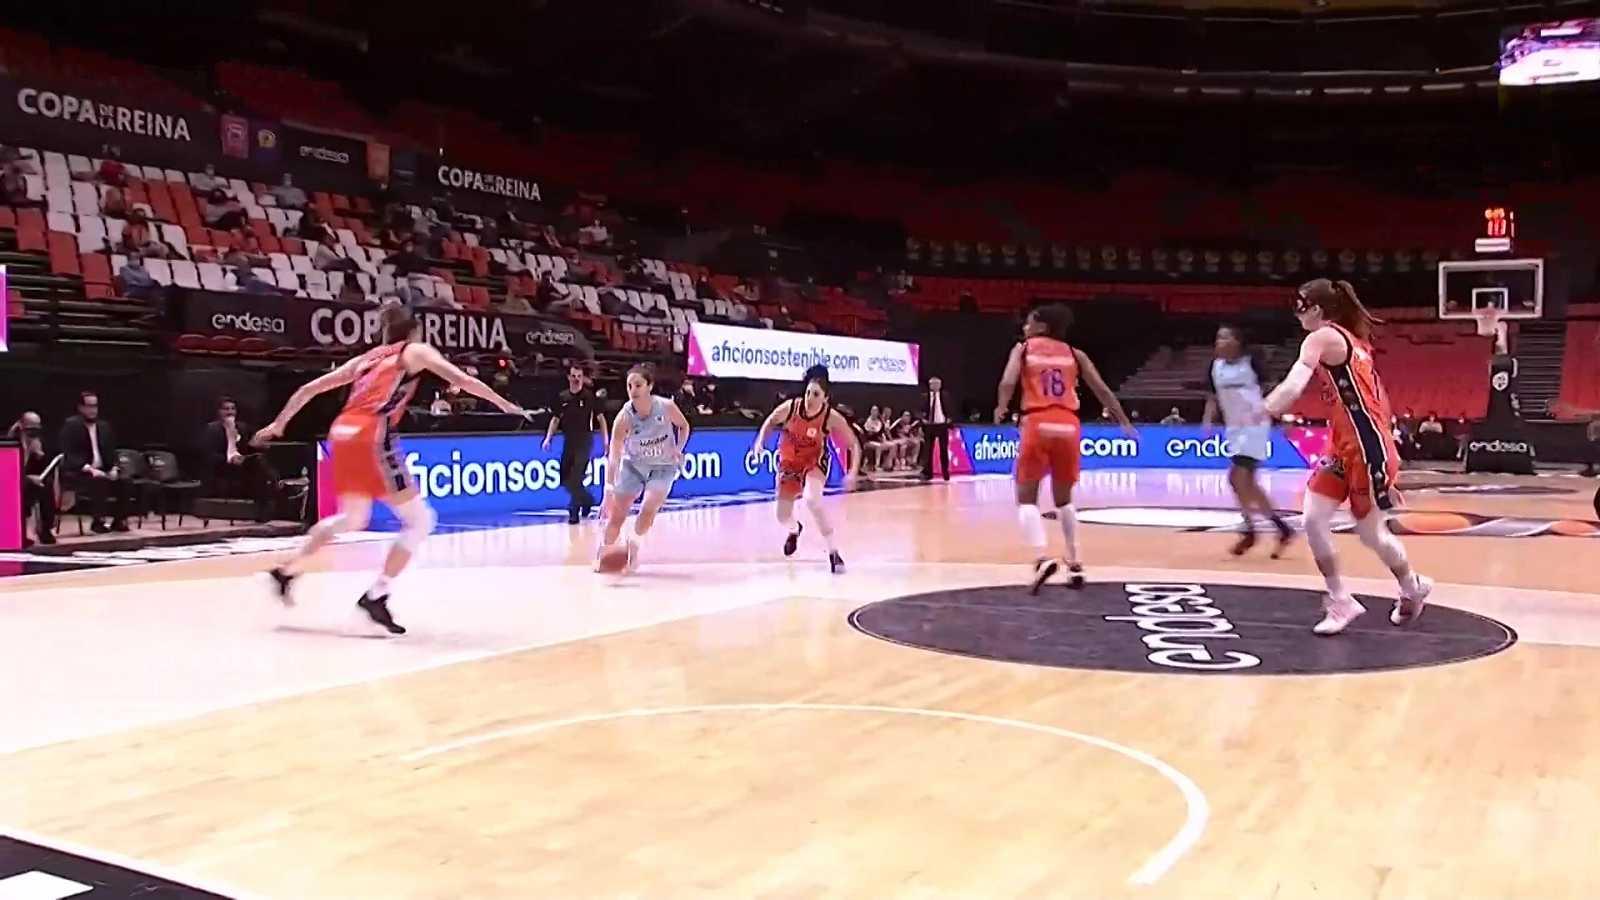 Baloncesto - Copa de la Reina 2021. 2ª semifinal: Valencia Basket - Lointek Gernika - ver ahora